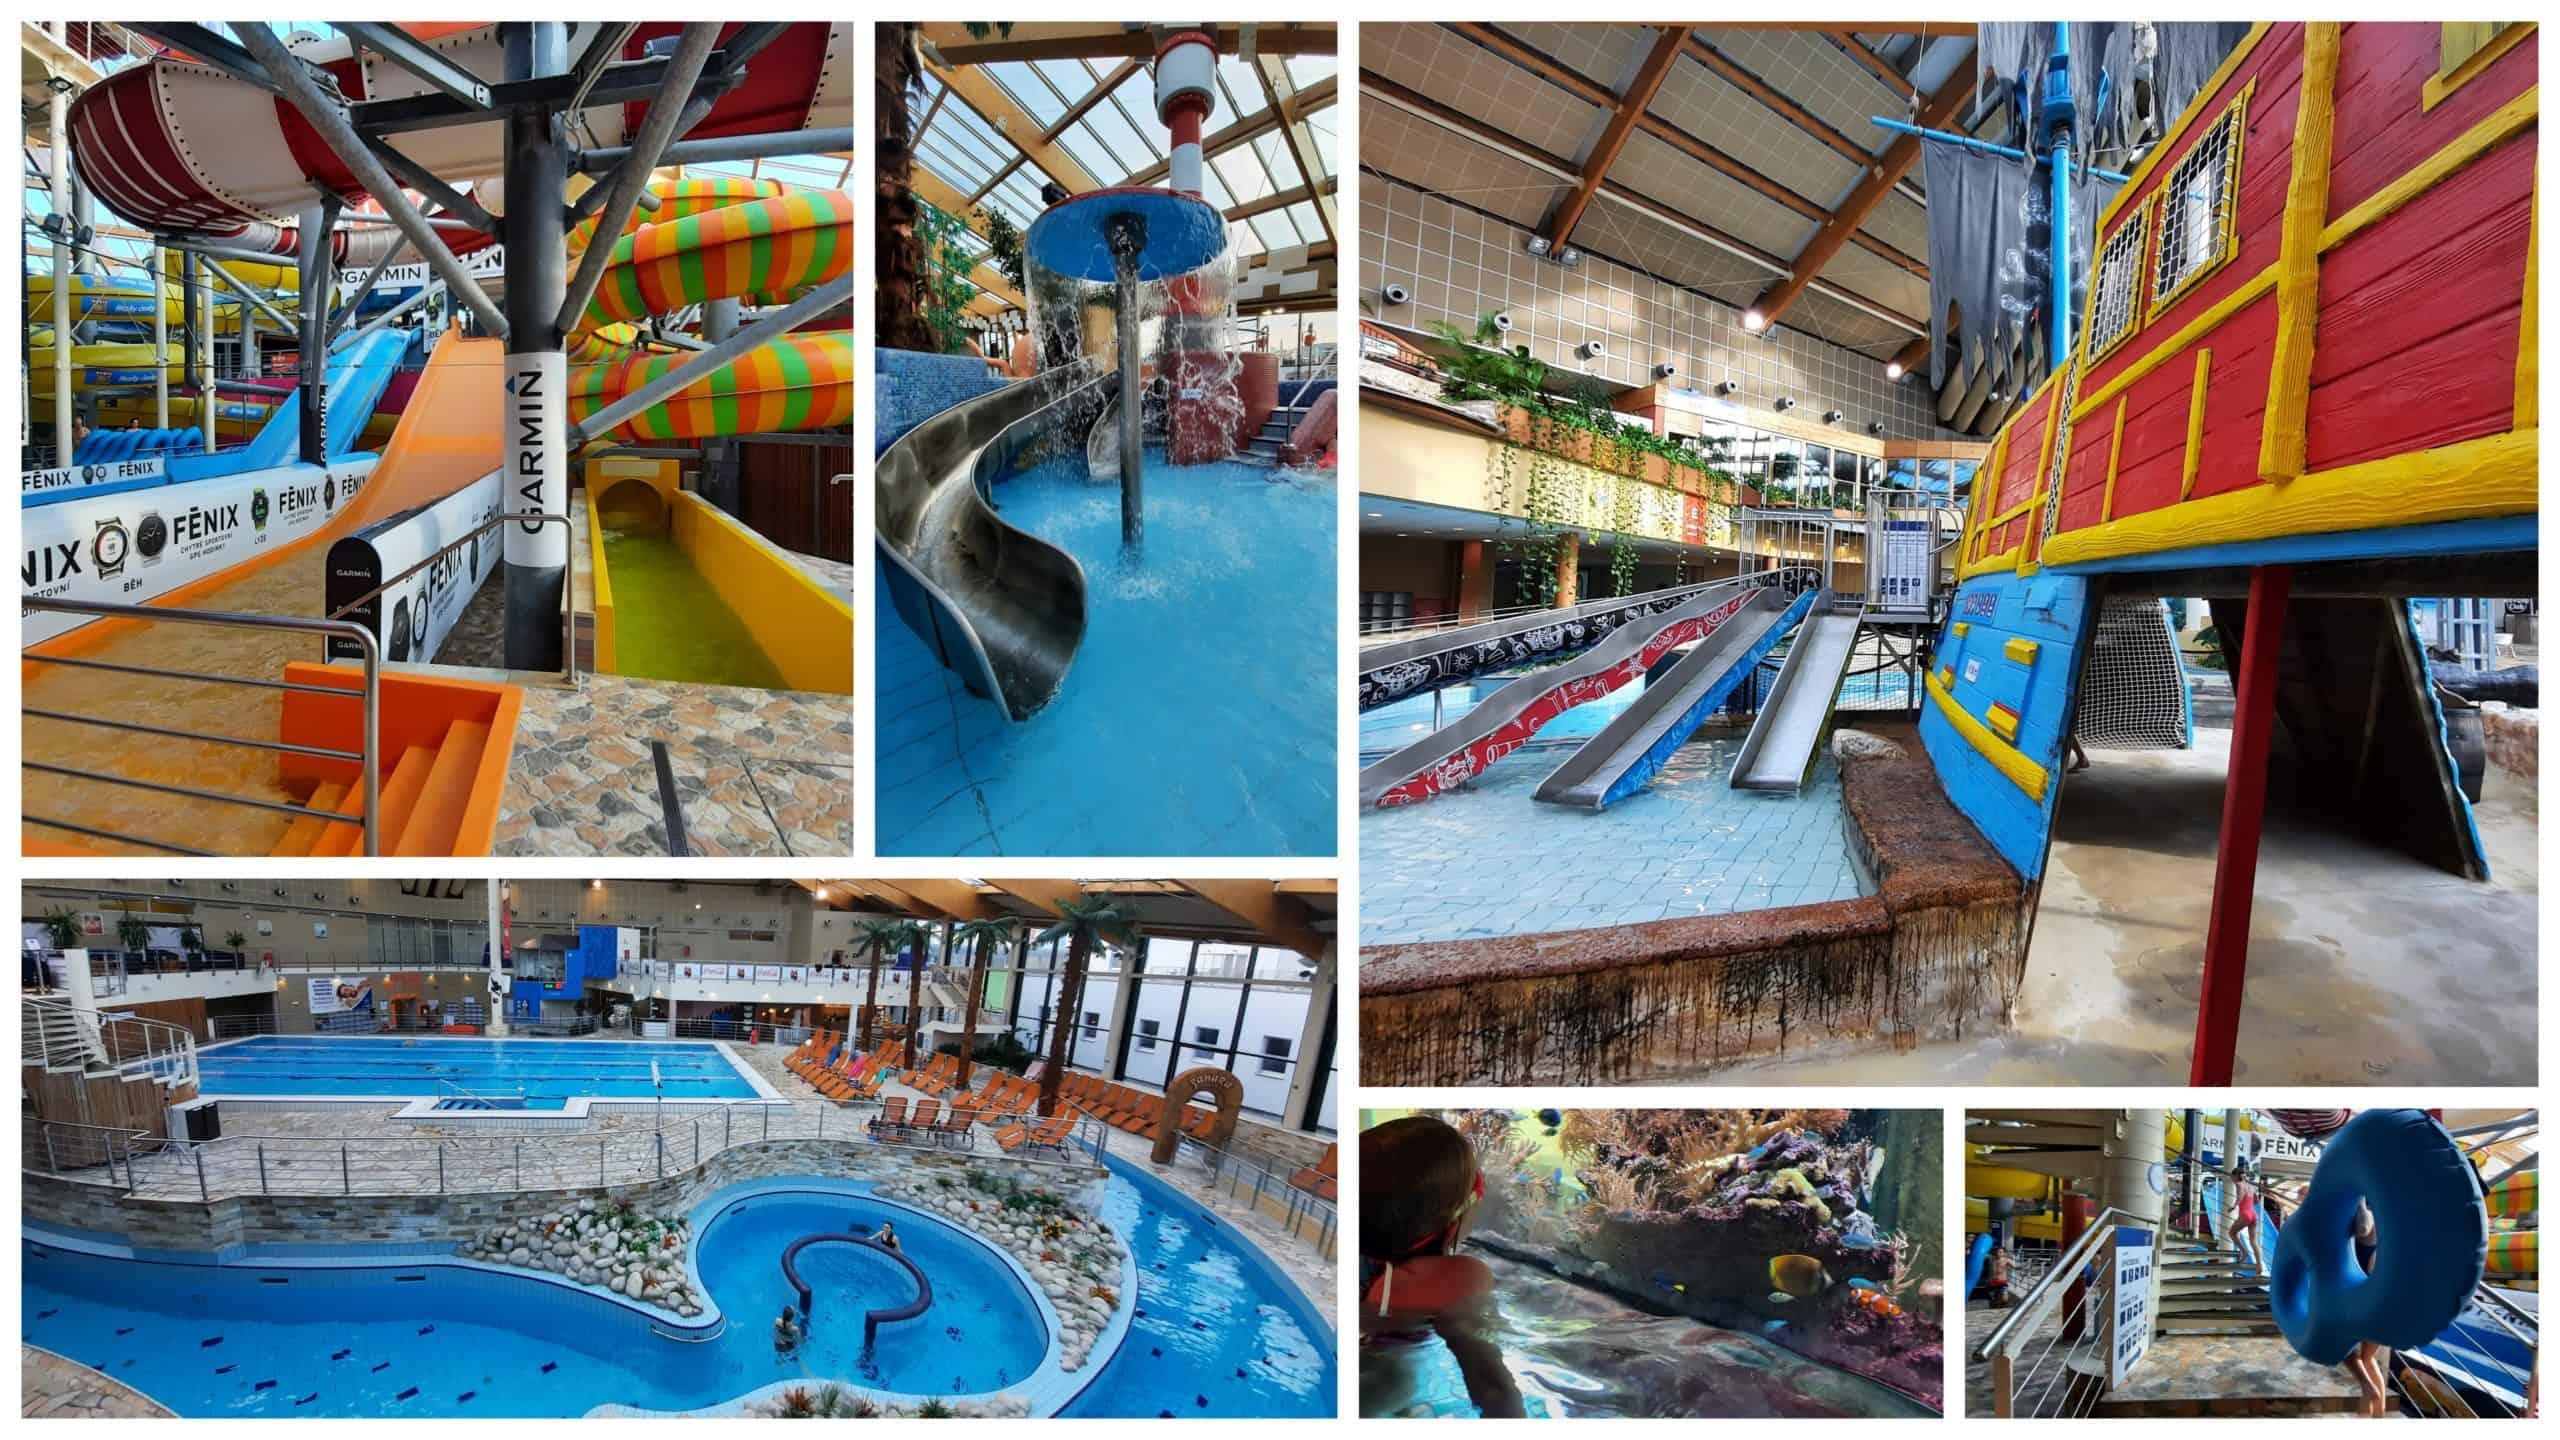 Když v Praze prší: Aquapalace Čestlice - Kam v Praze s dětmi